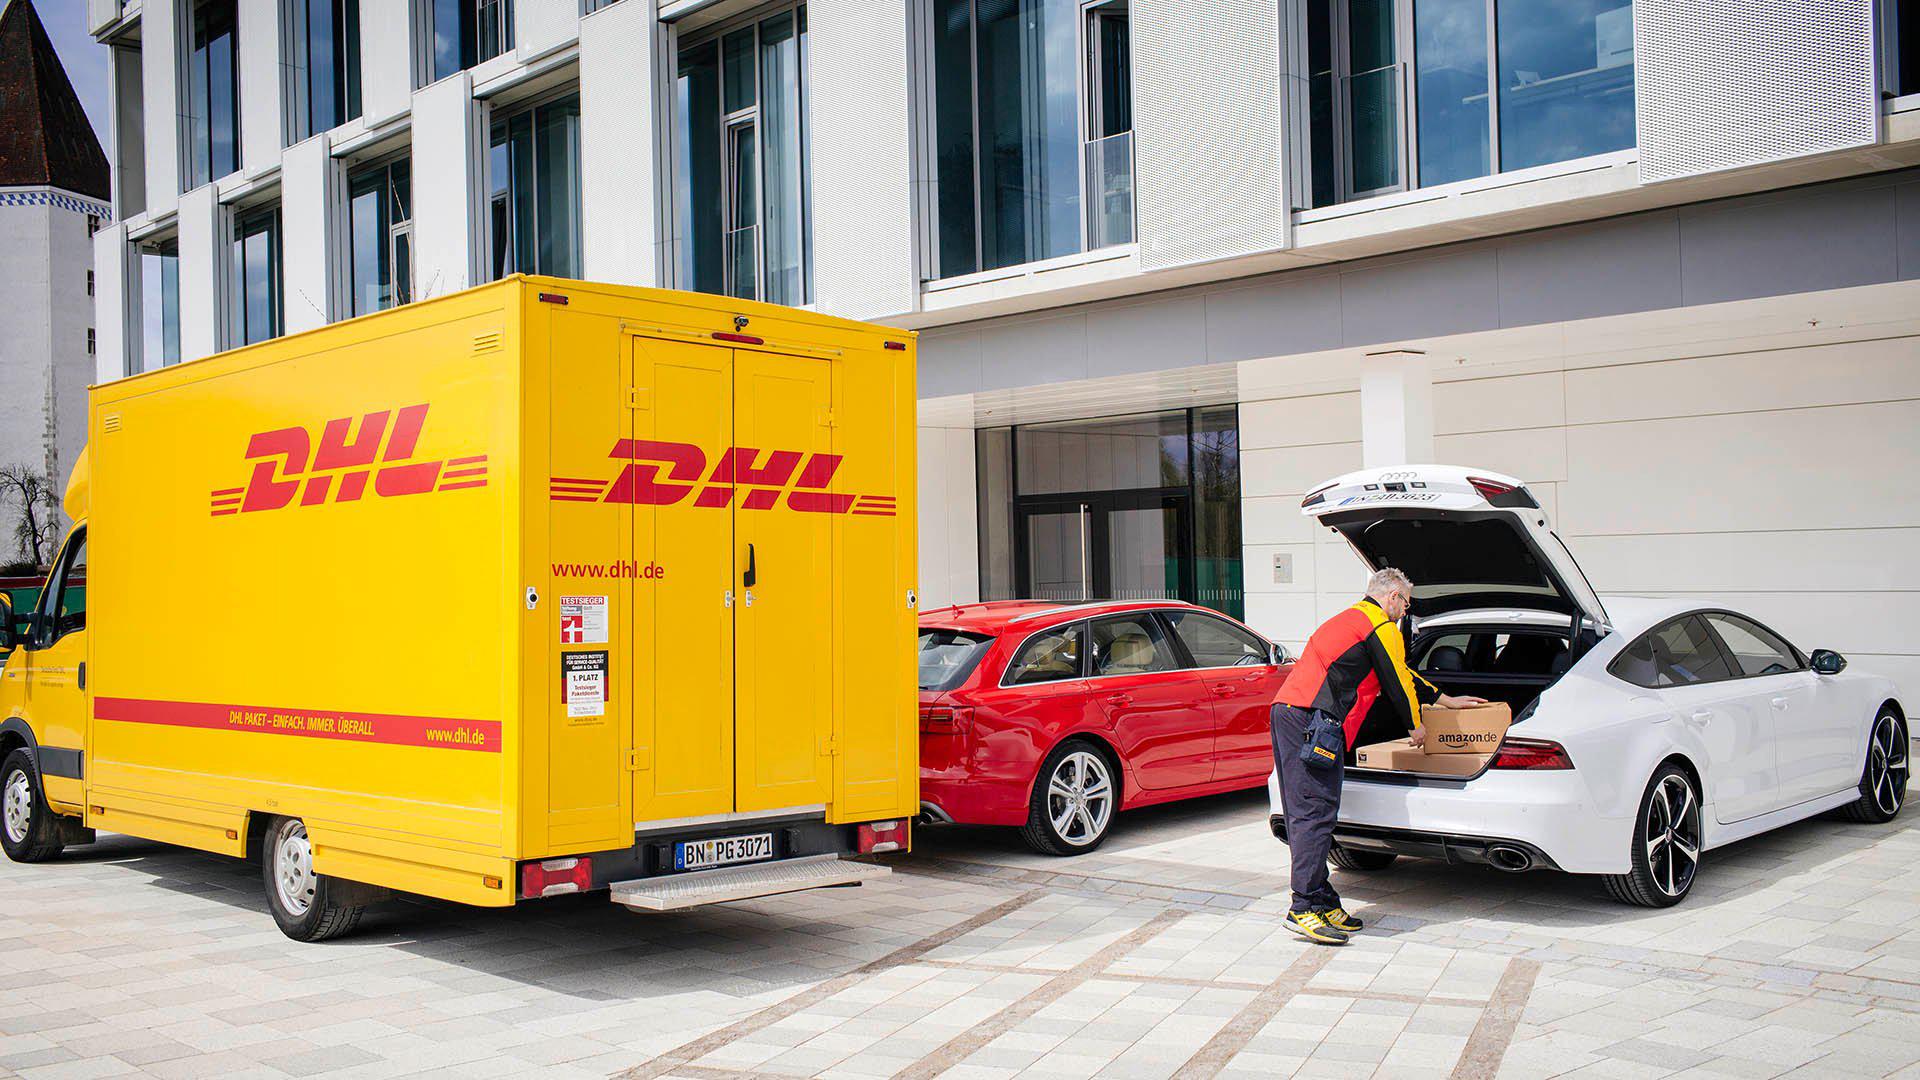 servizio-Audi-DHL-Amazon